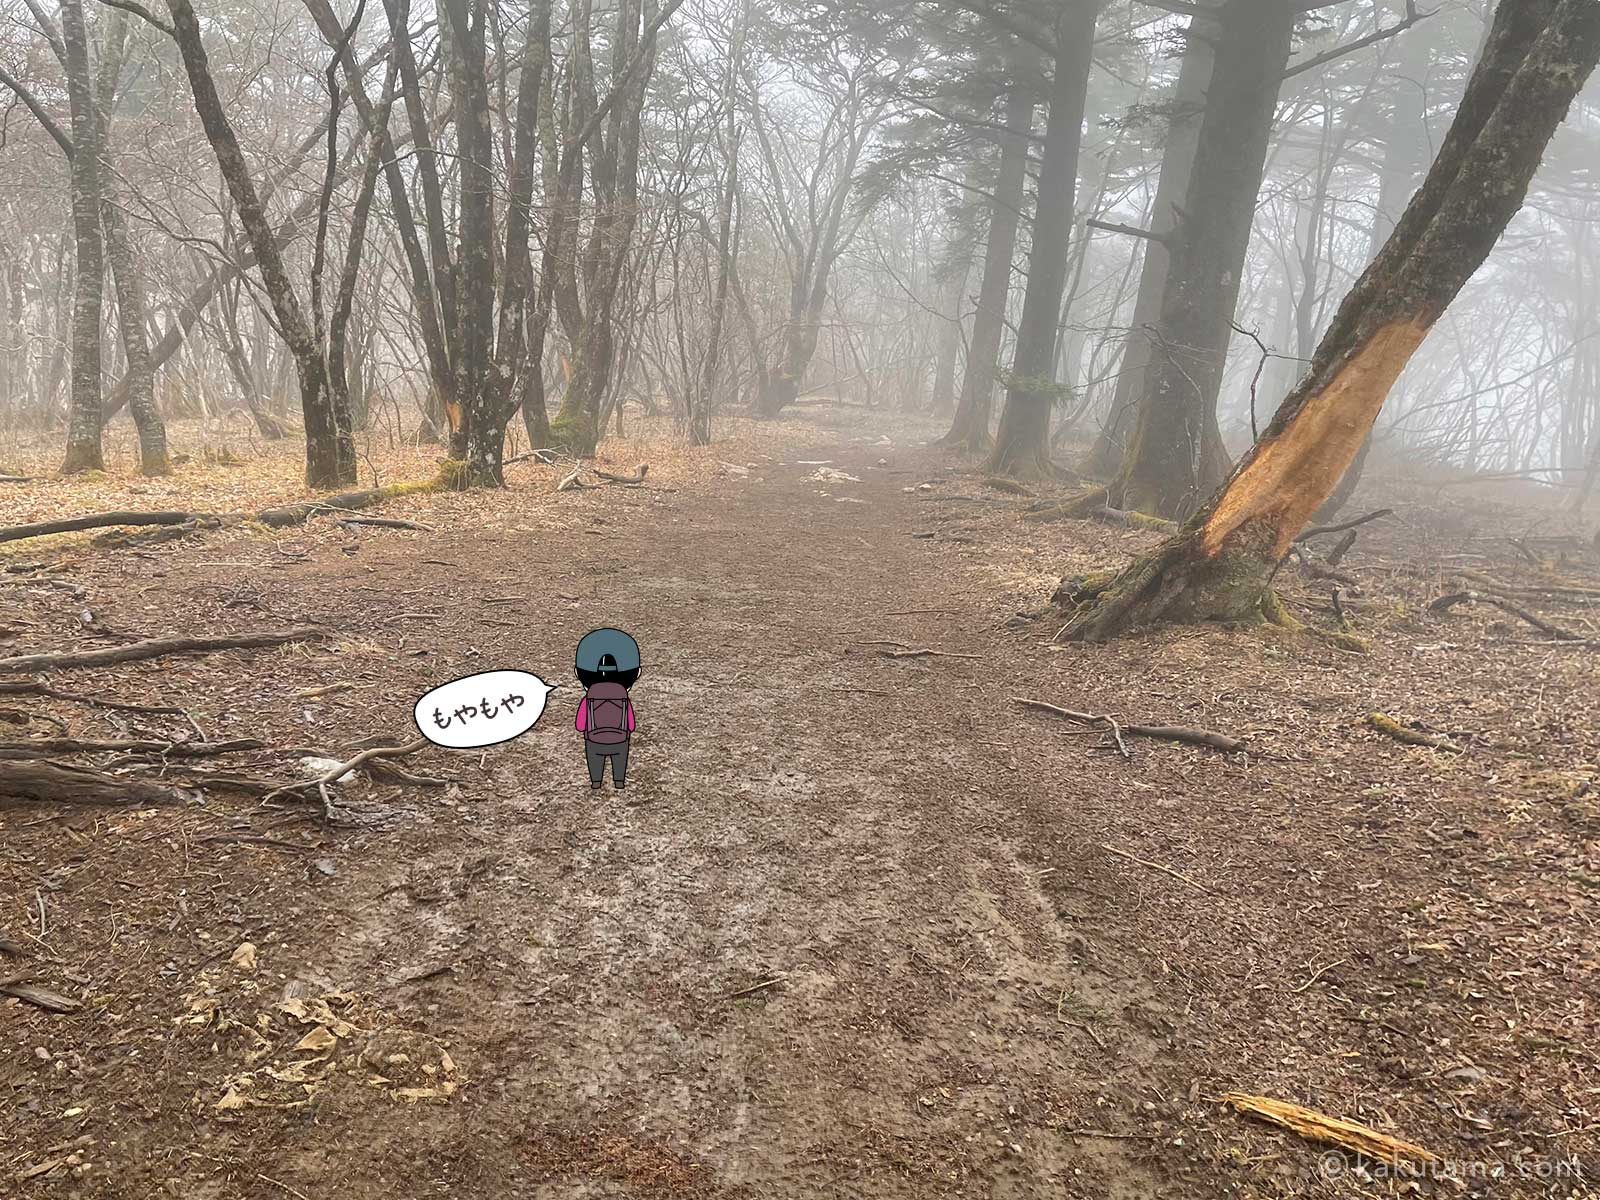 ガスりはじめた登山道